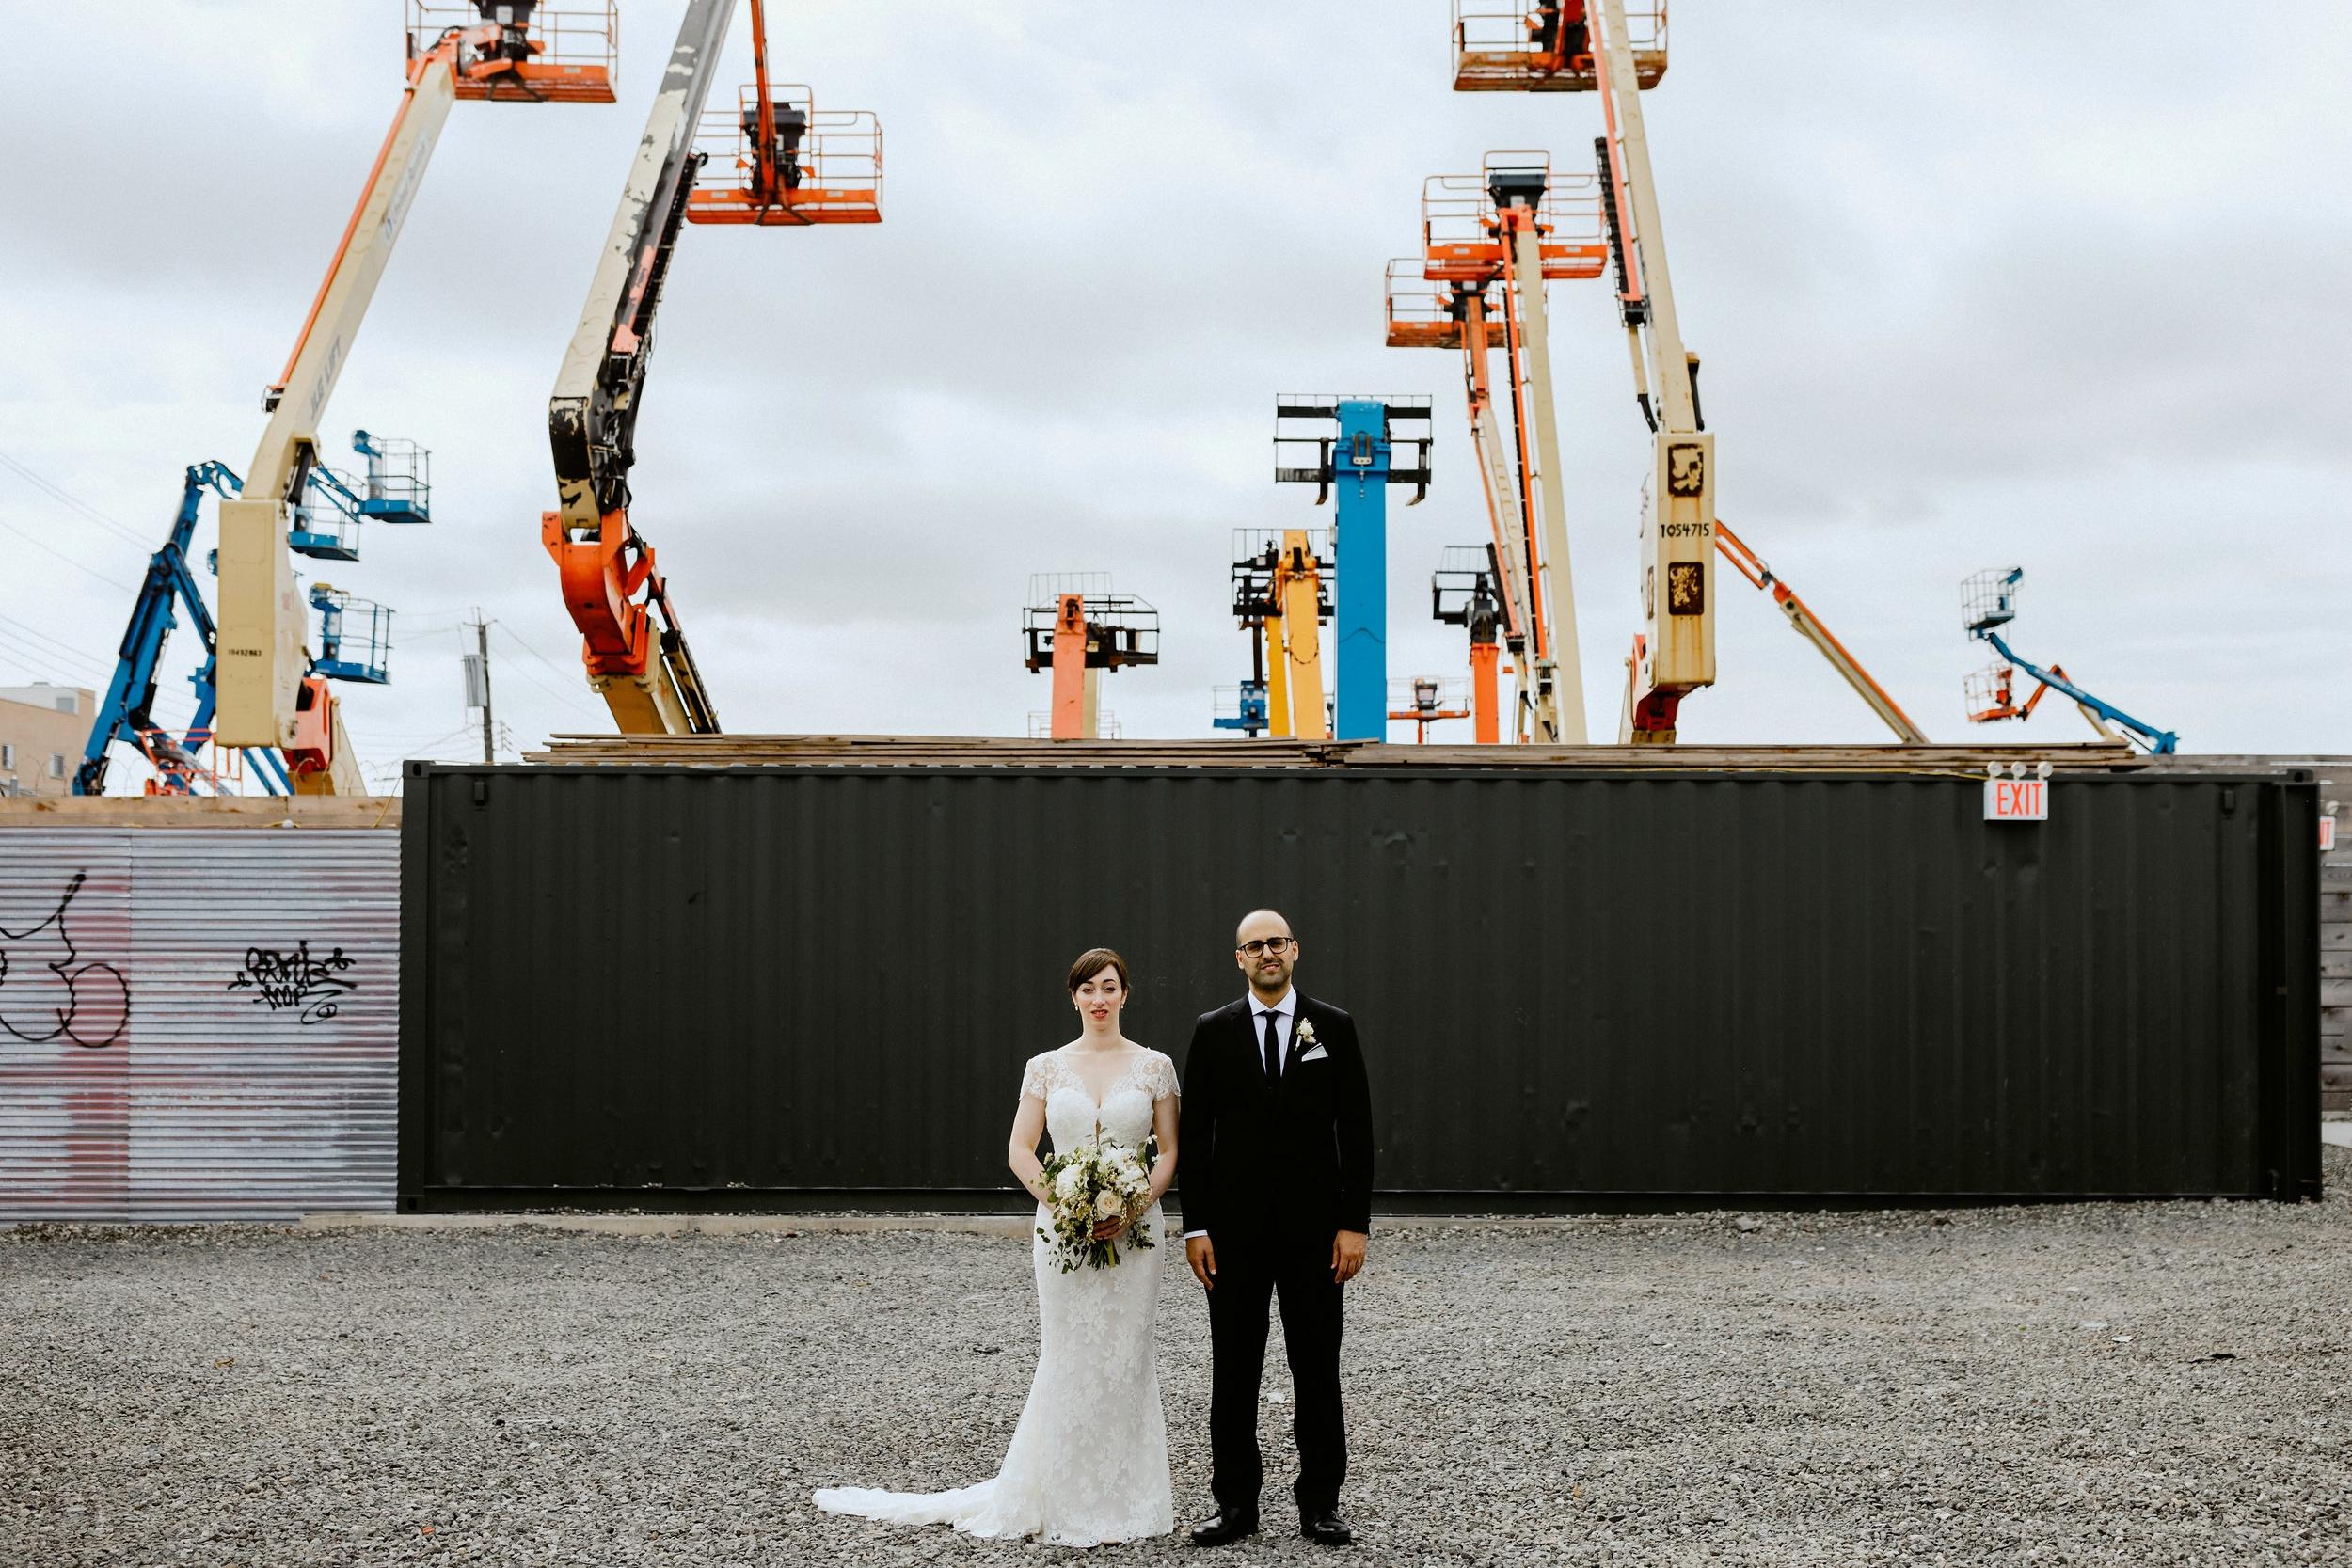 074_99_Scott_Brooklyn_Jewish_Wedding.JPG